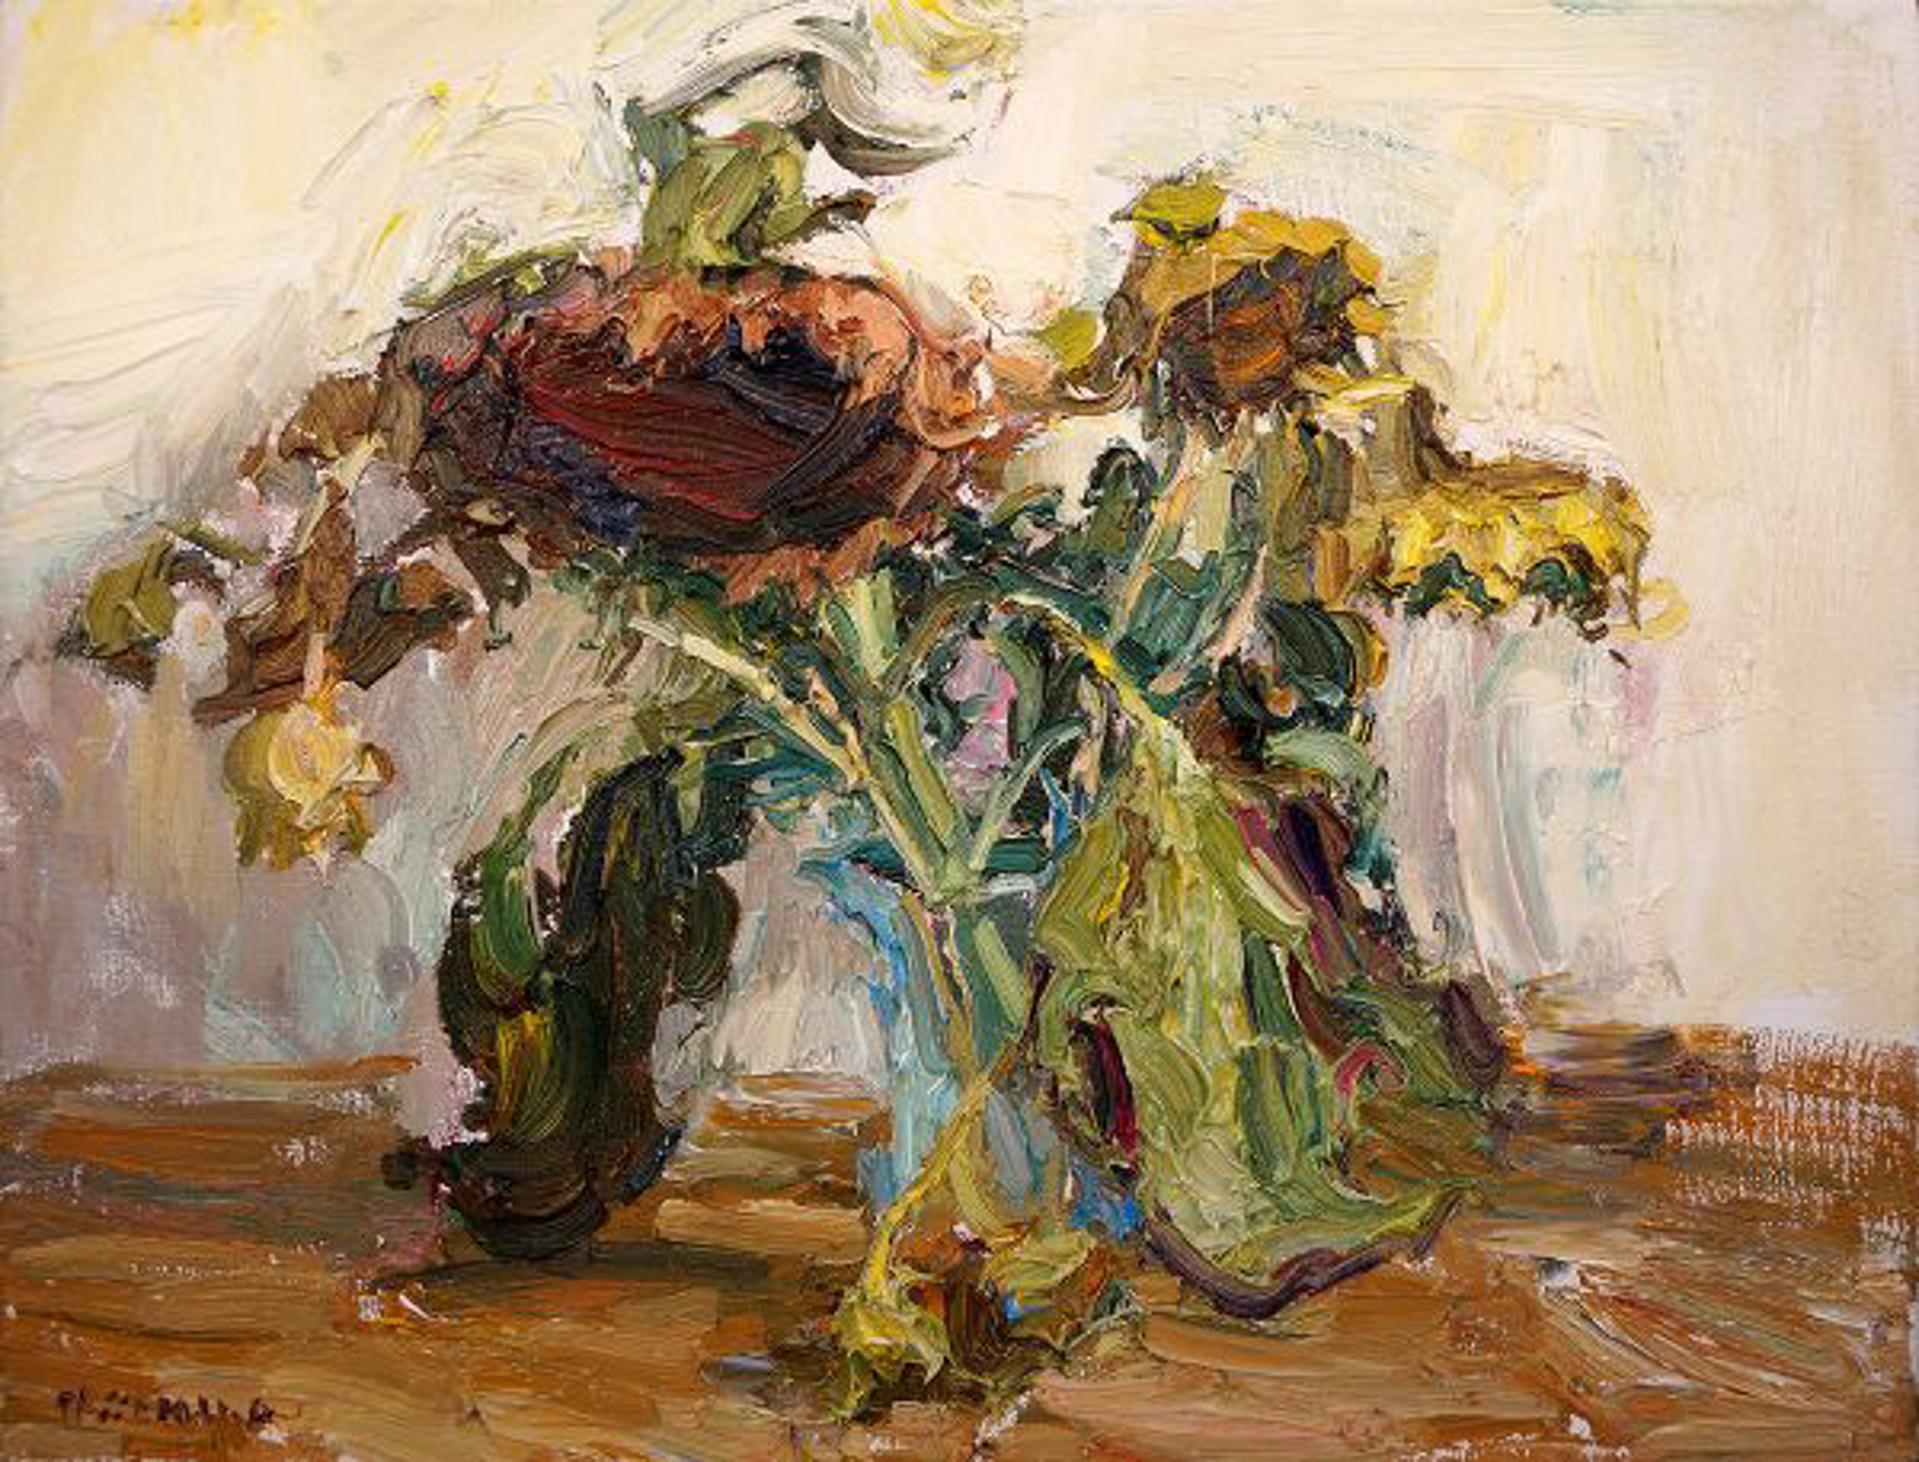 Dry Sunflowers by Antonin Passemard